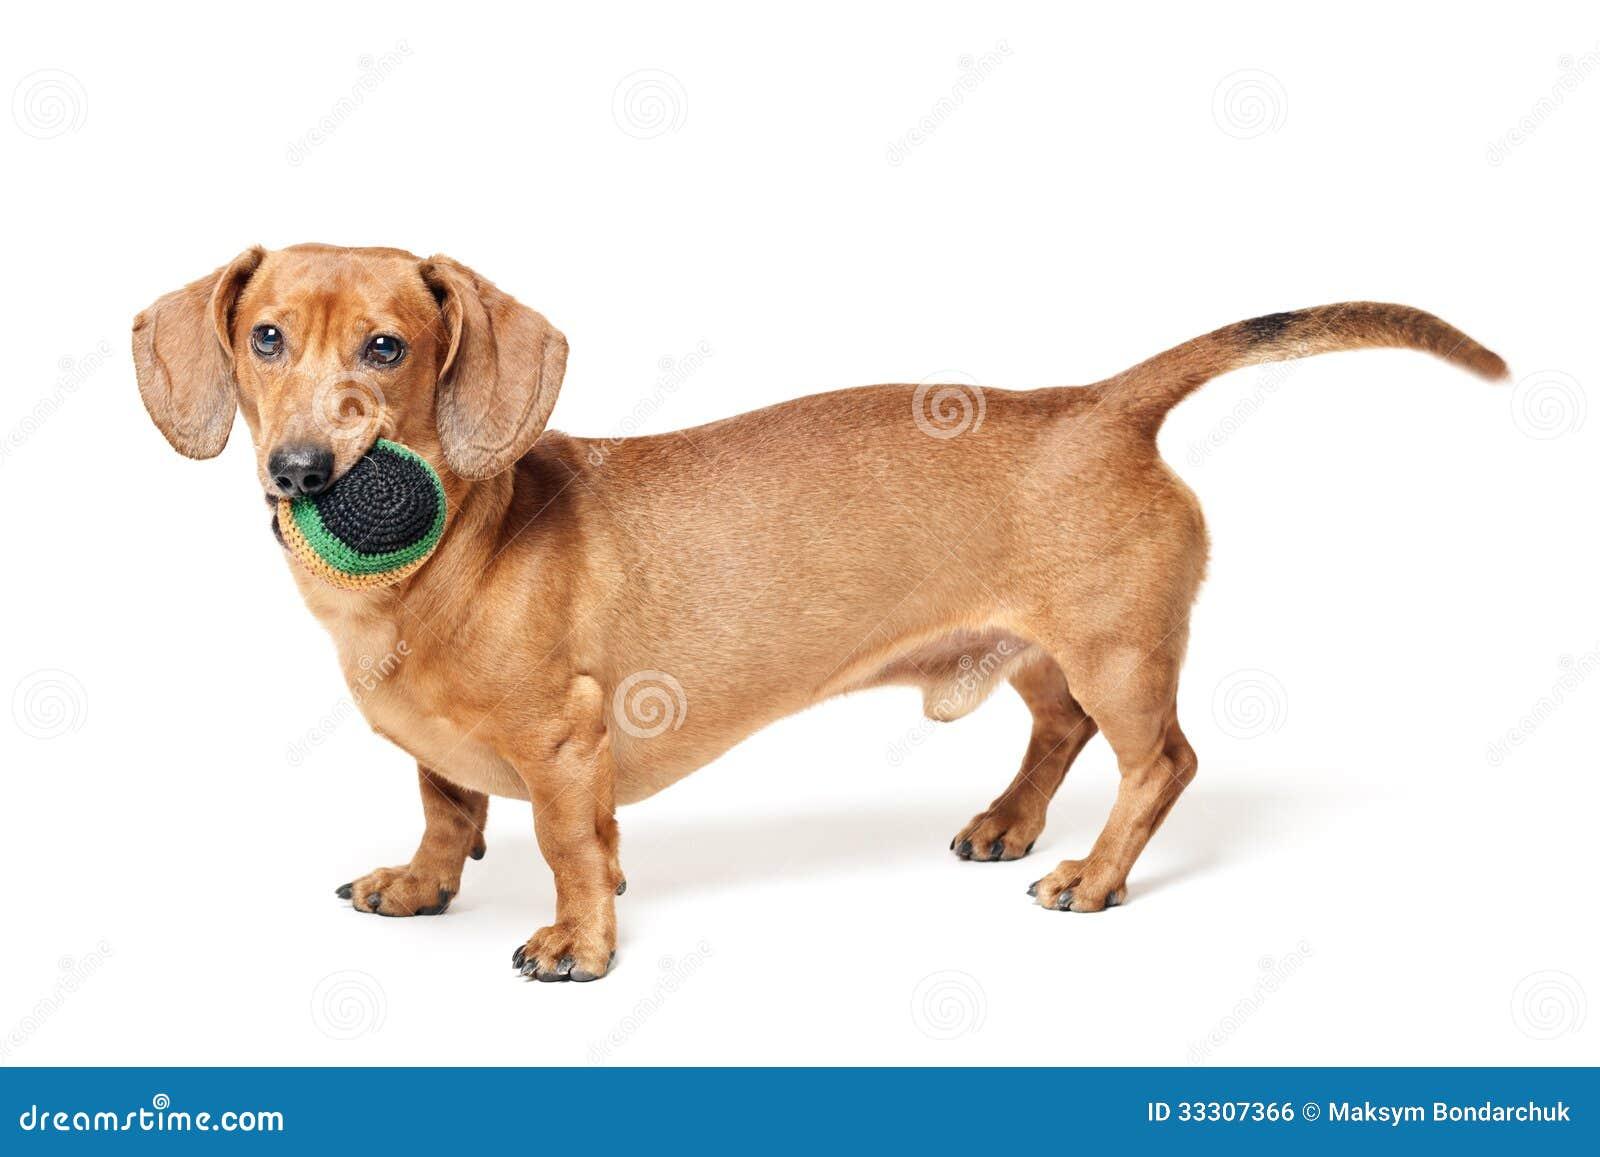 Cane marrone sveglio del bassotto tedesco con la palla for Bassotto cane